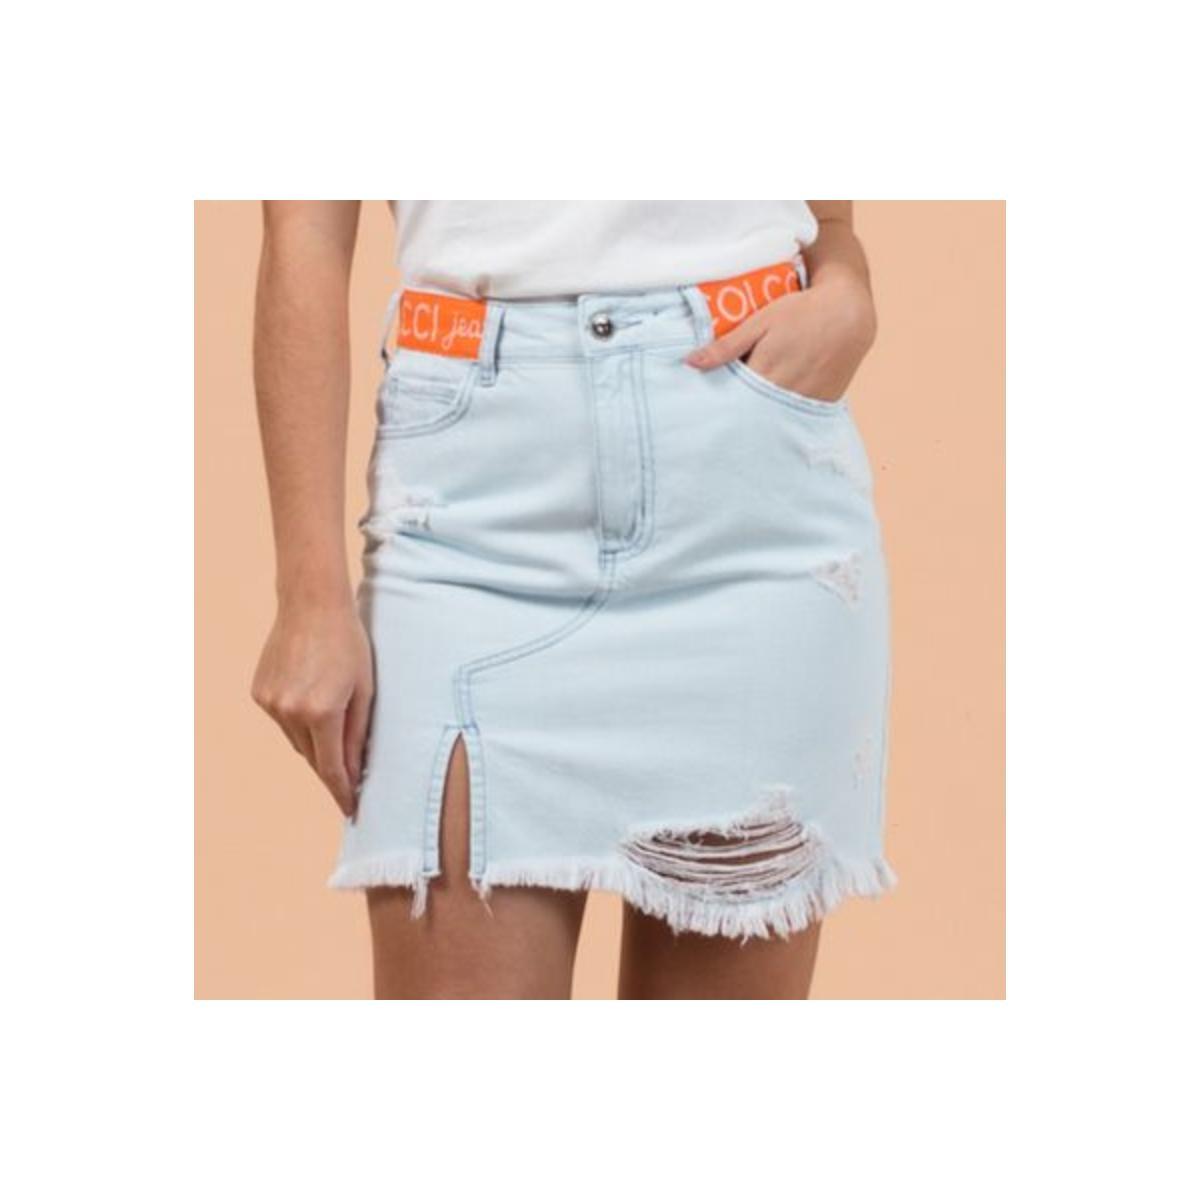 Saia Feminina Colcci 80103429 600 Jeans